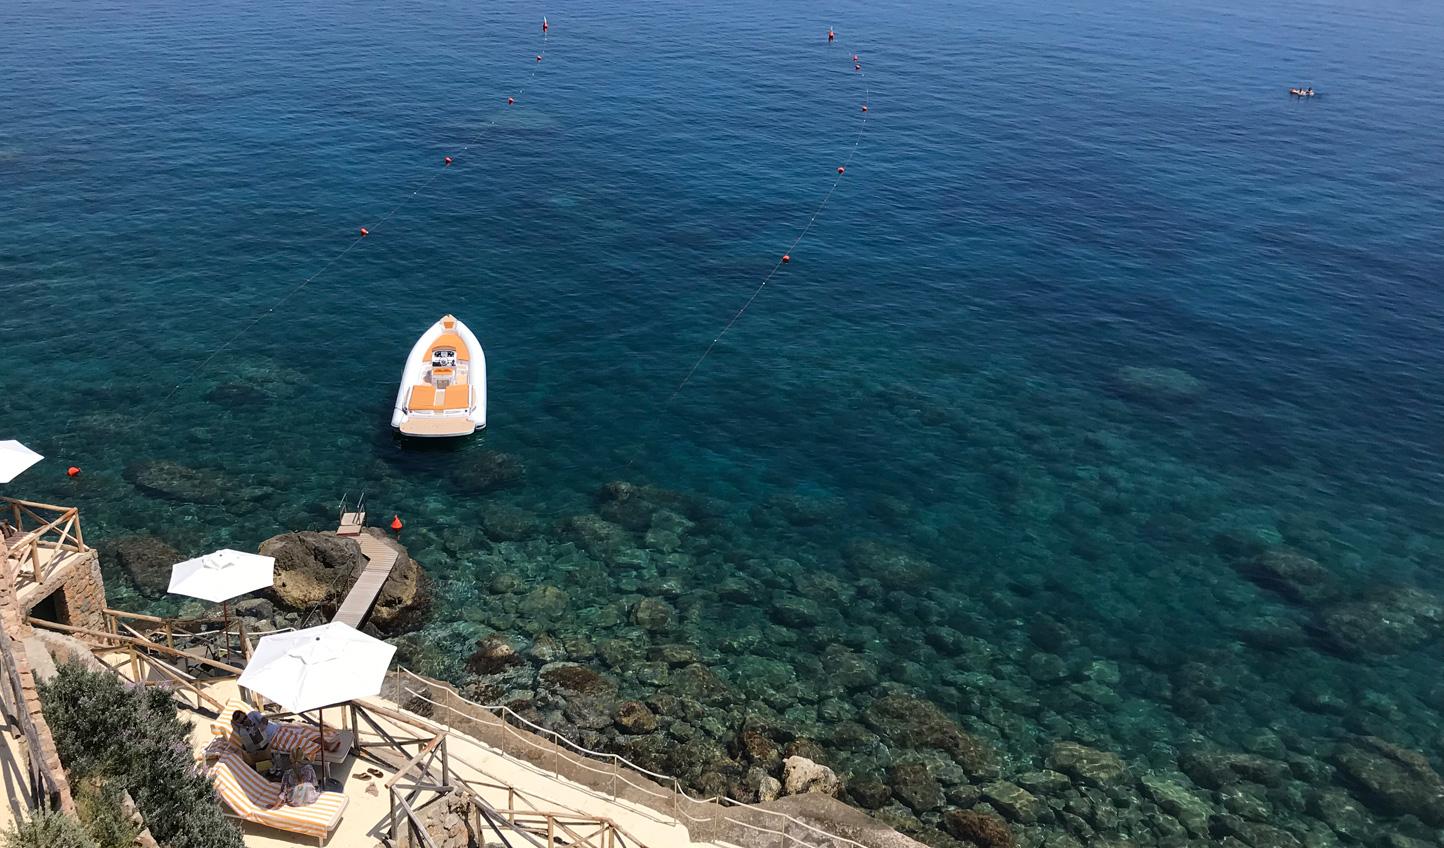 Sail away with Hotel Il Pellicano